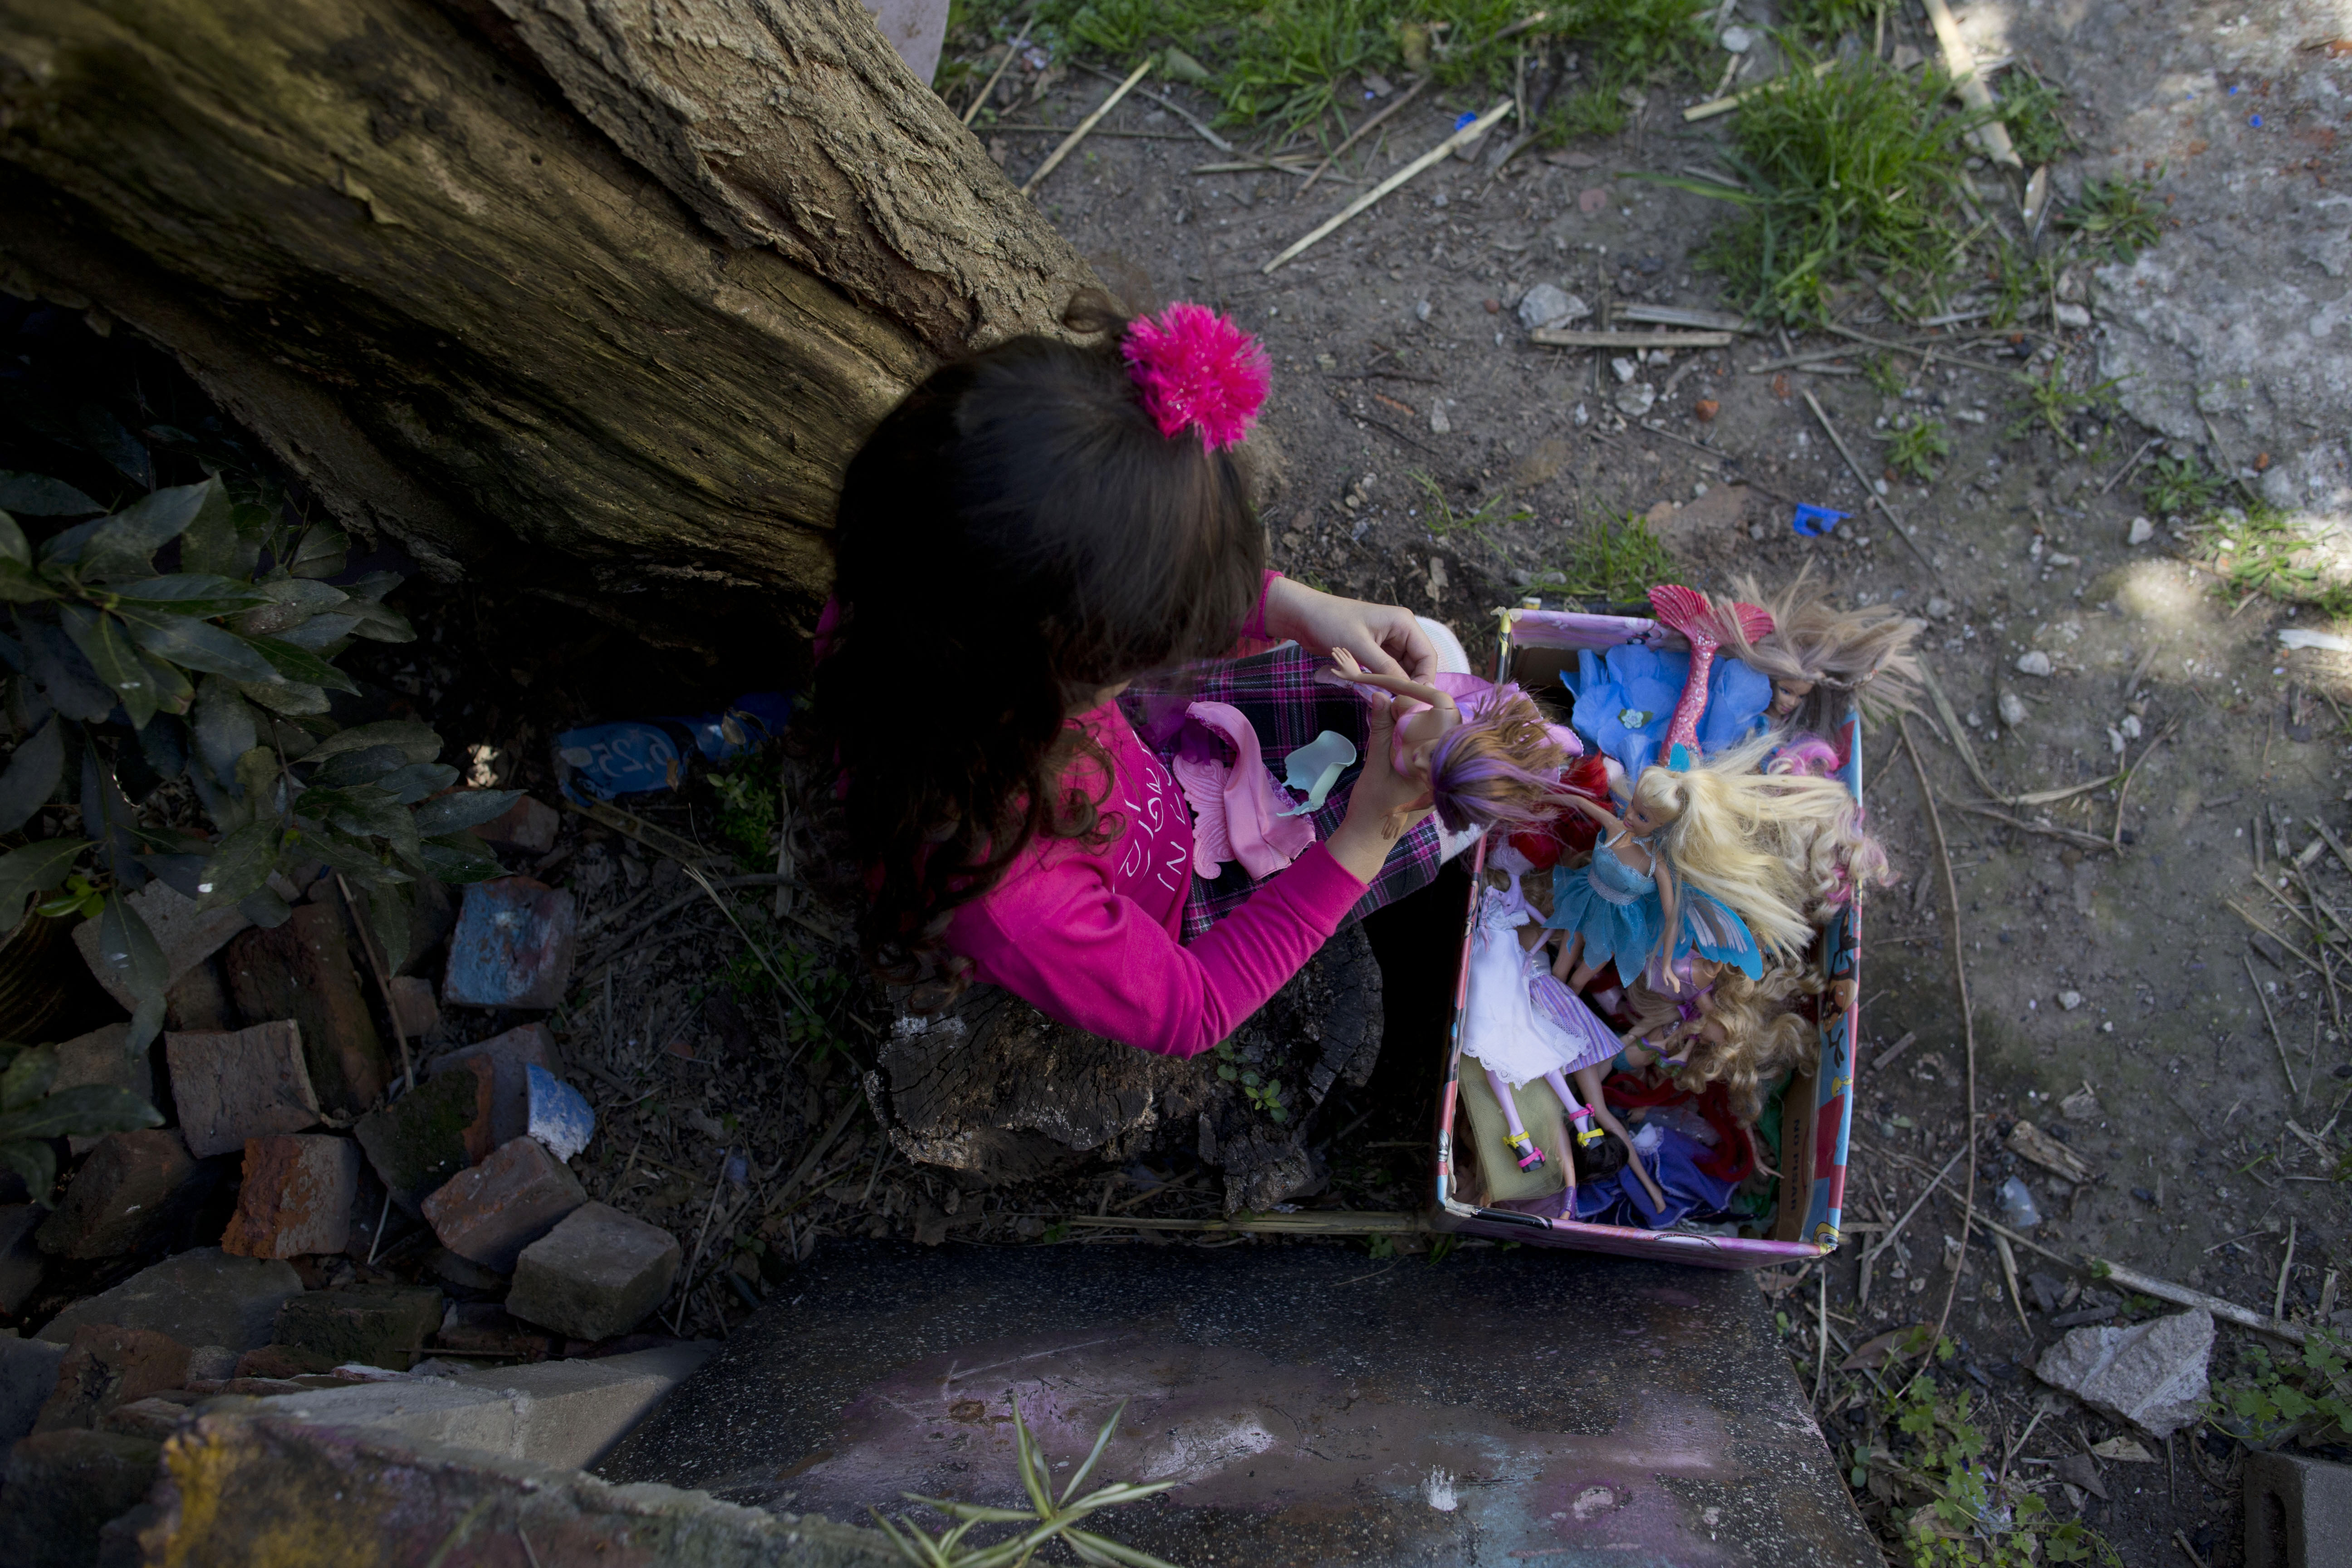 盧亞娜喜歡玩洋娃娃(美聯社)